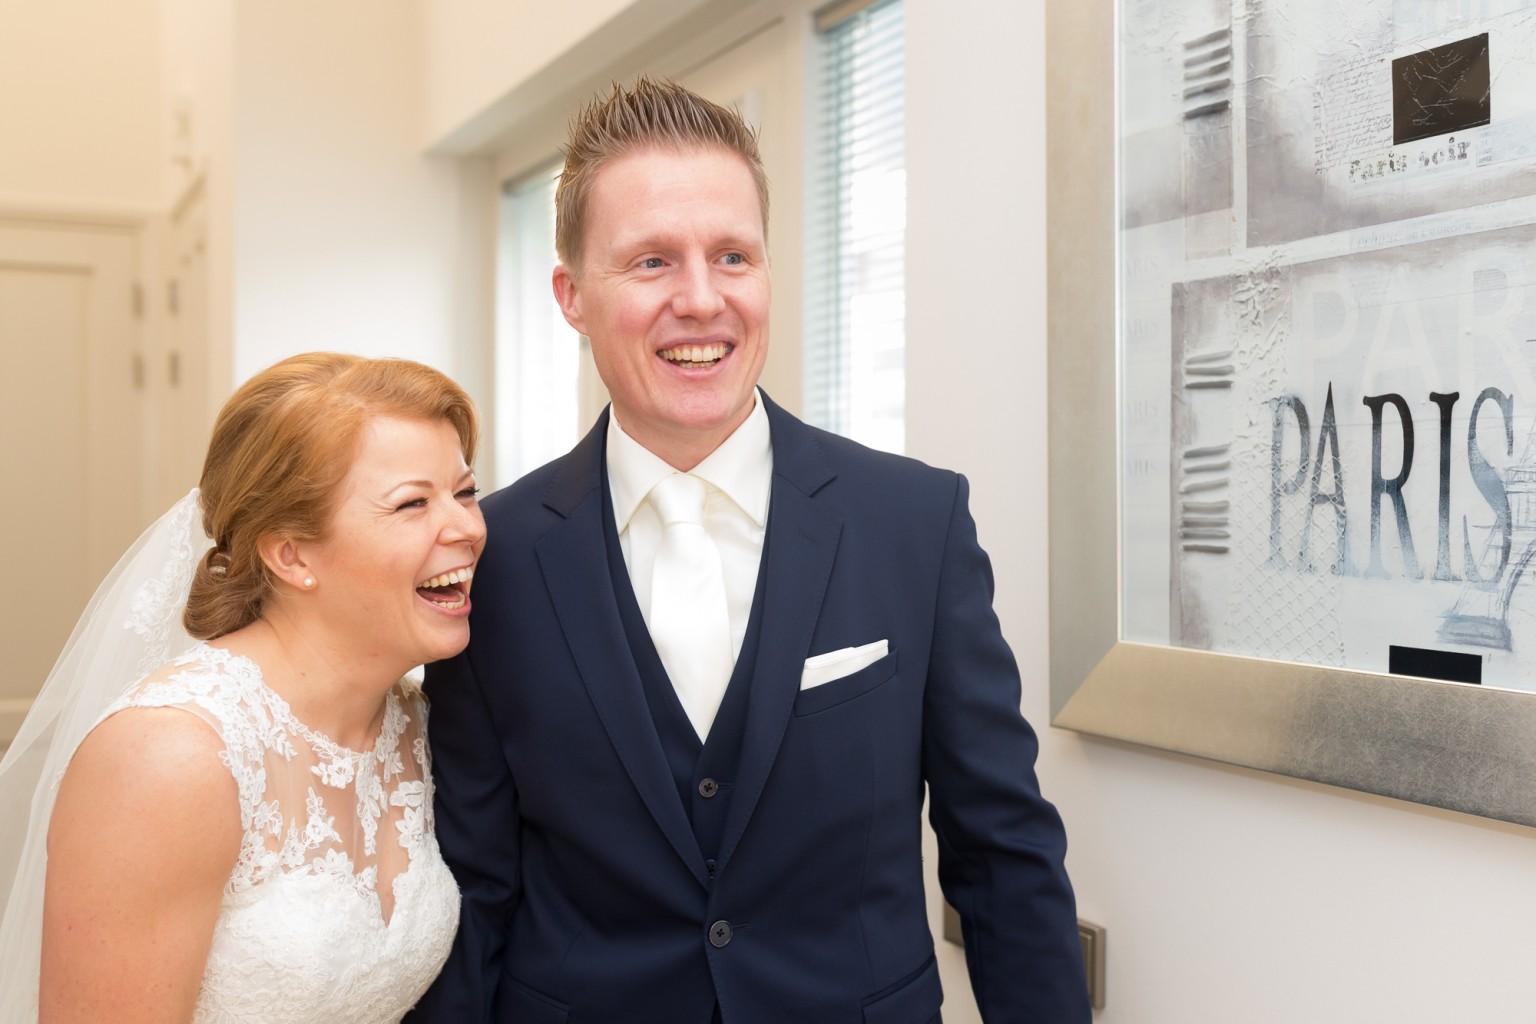 Eerste ontmoeting tussen bruid en bruidegom in de morgen